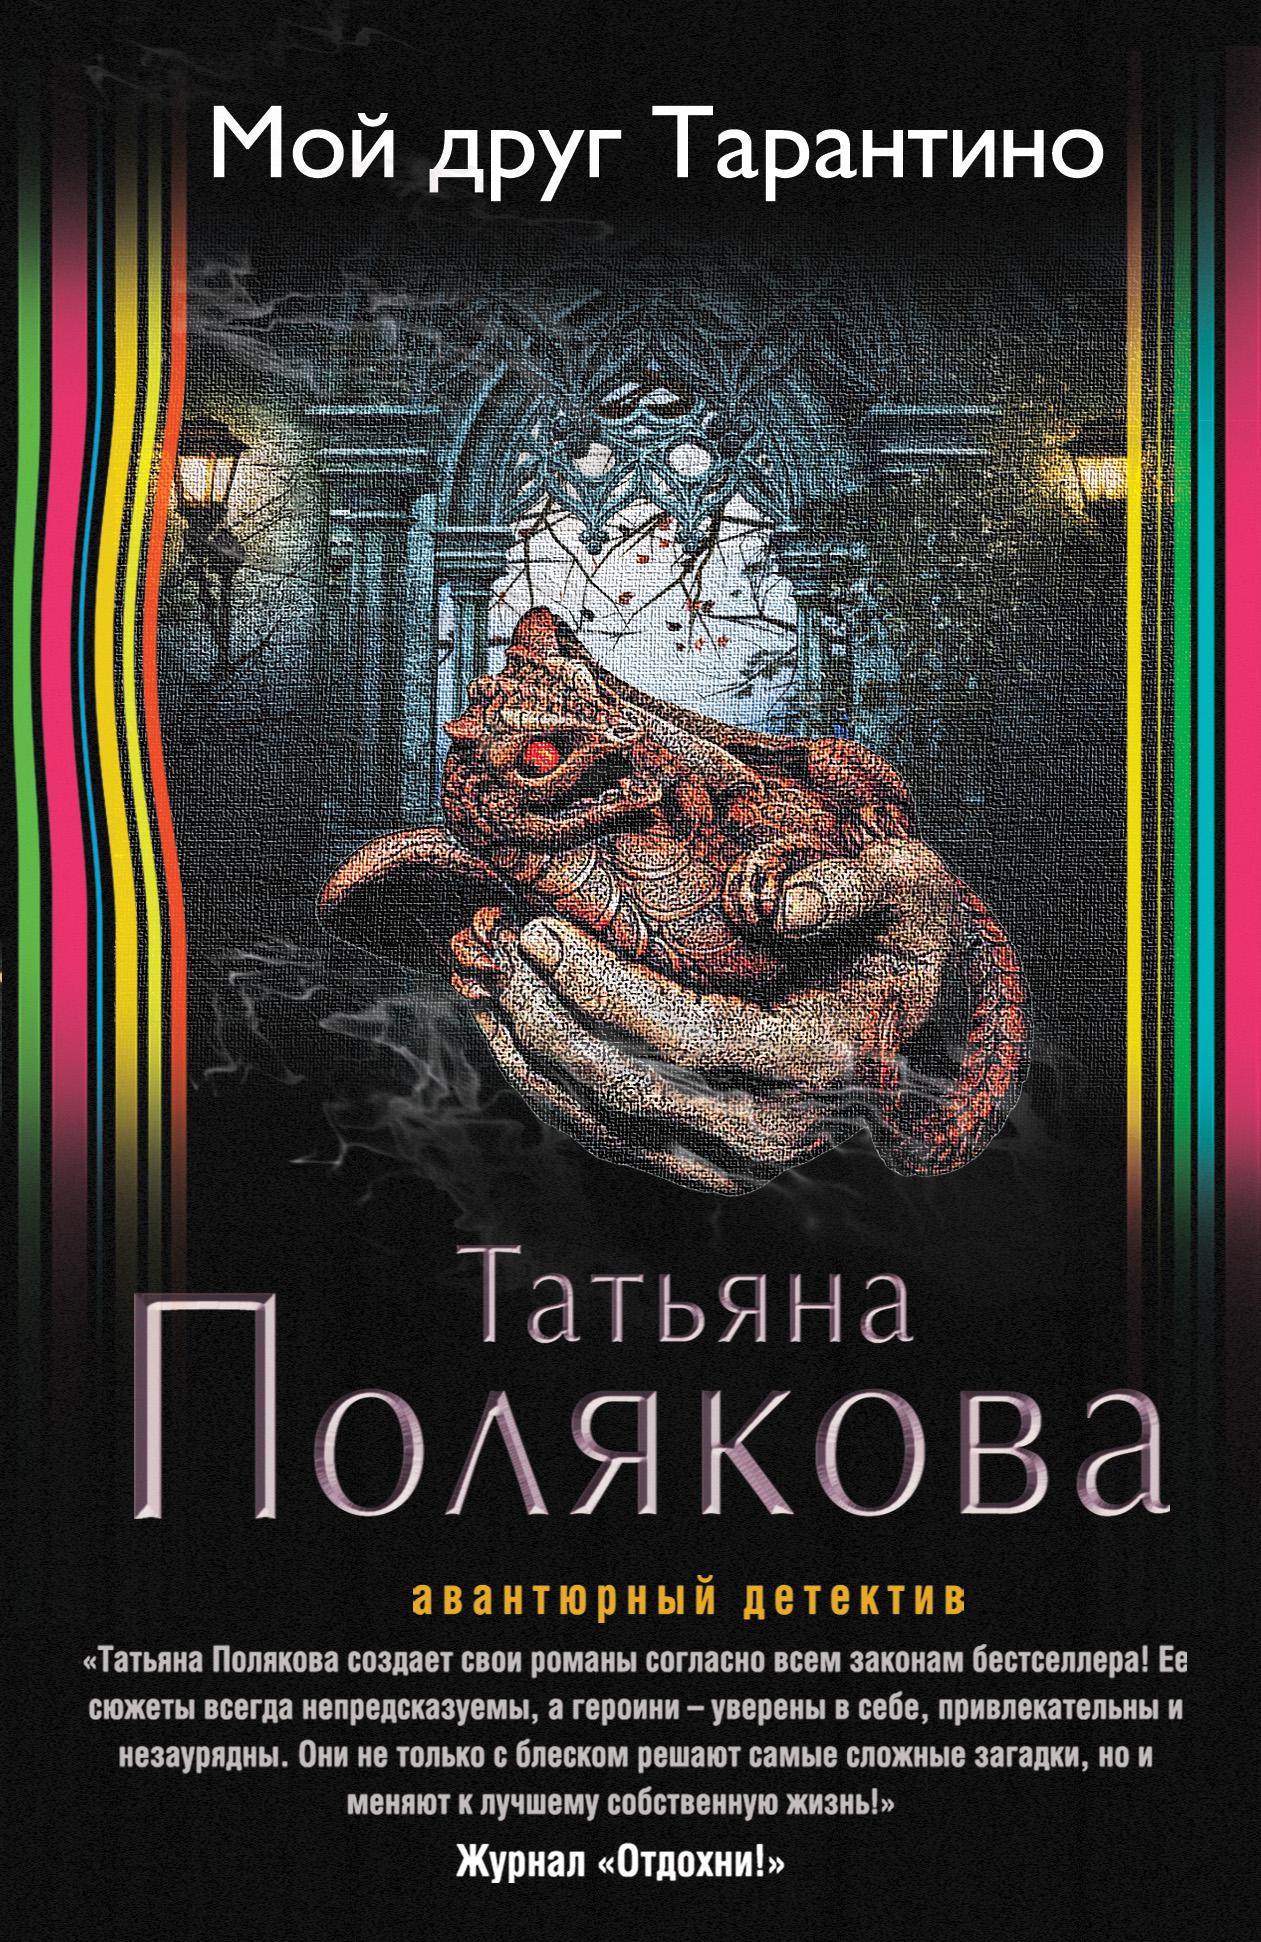 Скачать книгу мой друг тарантино поляковой